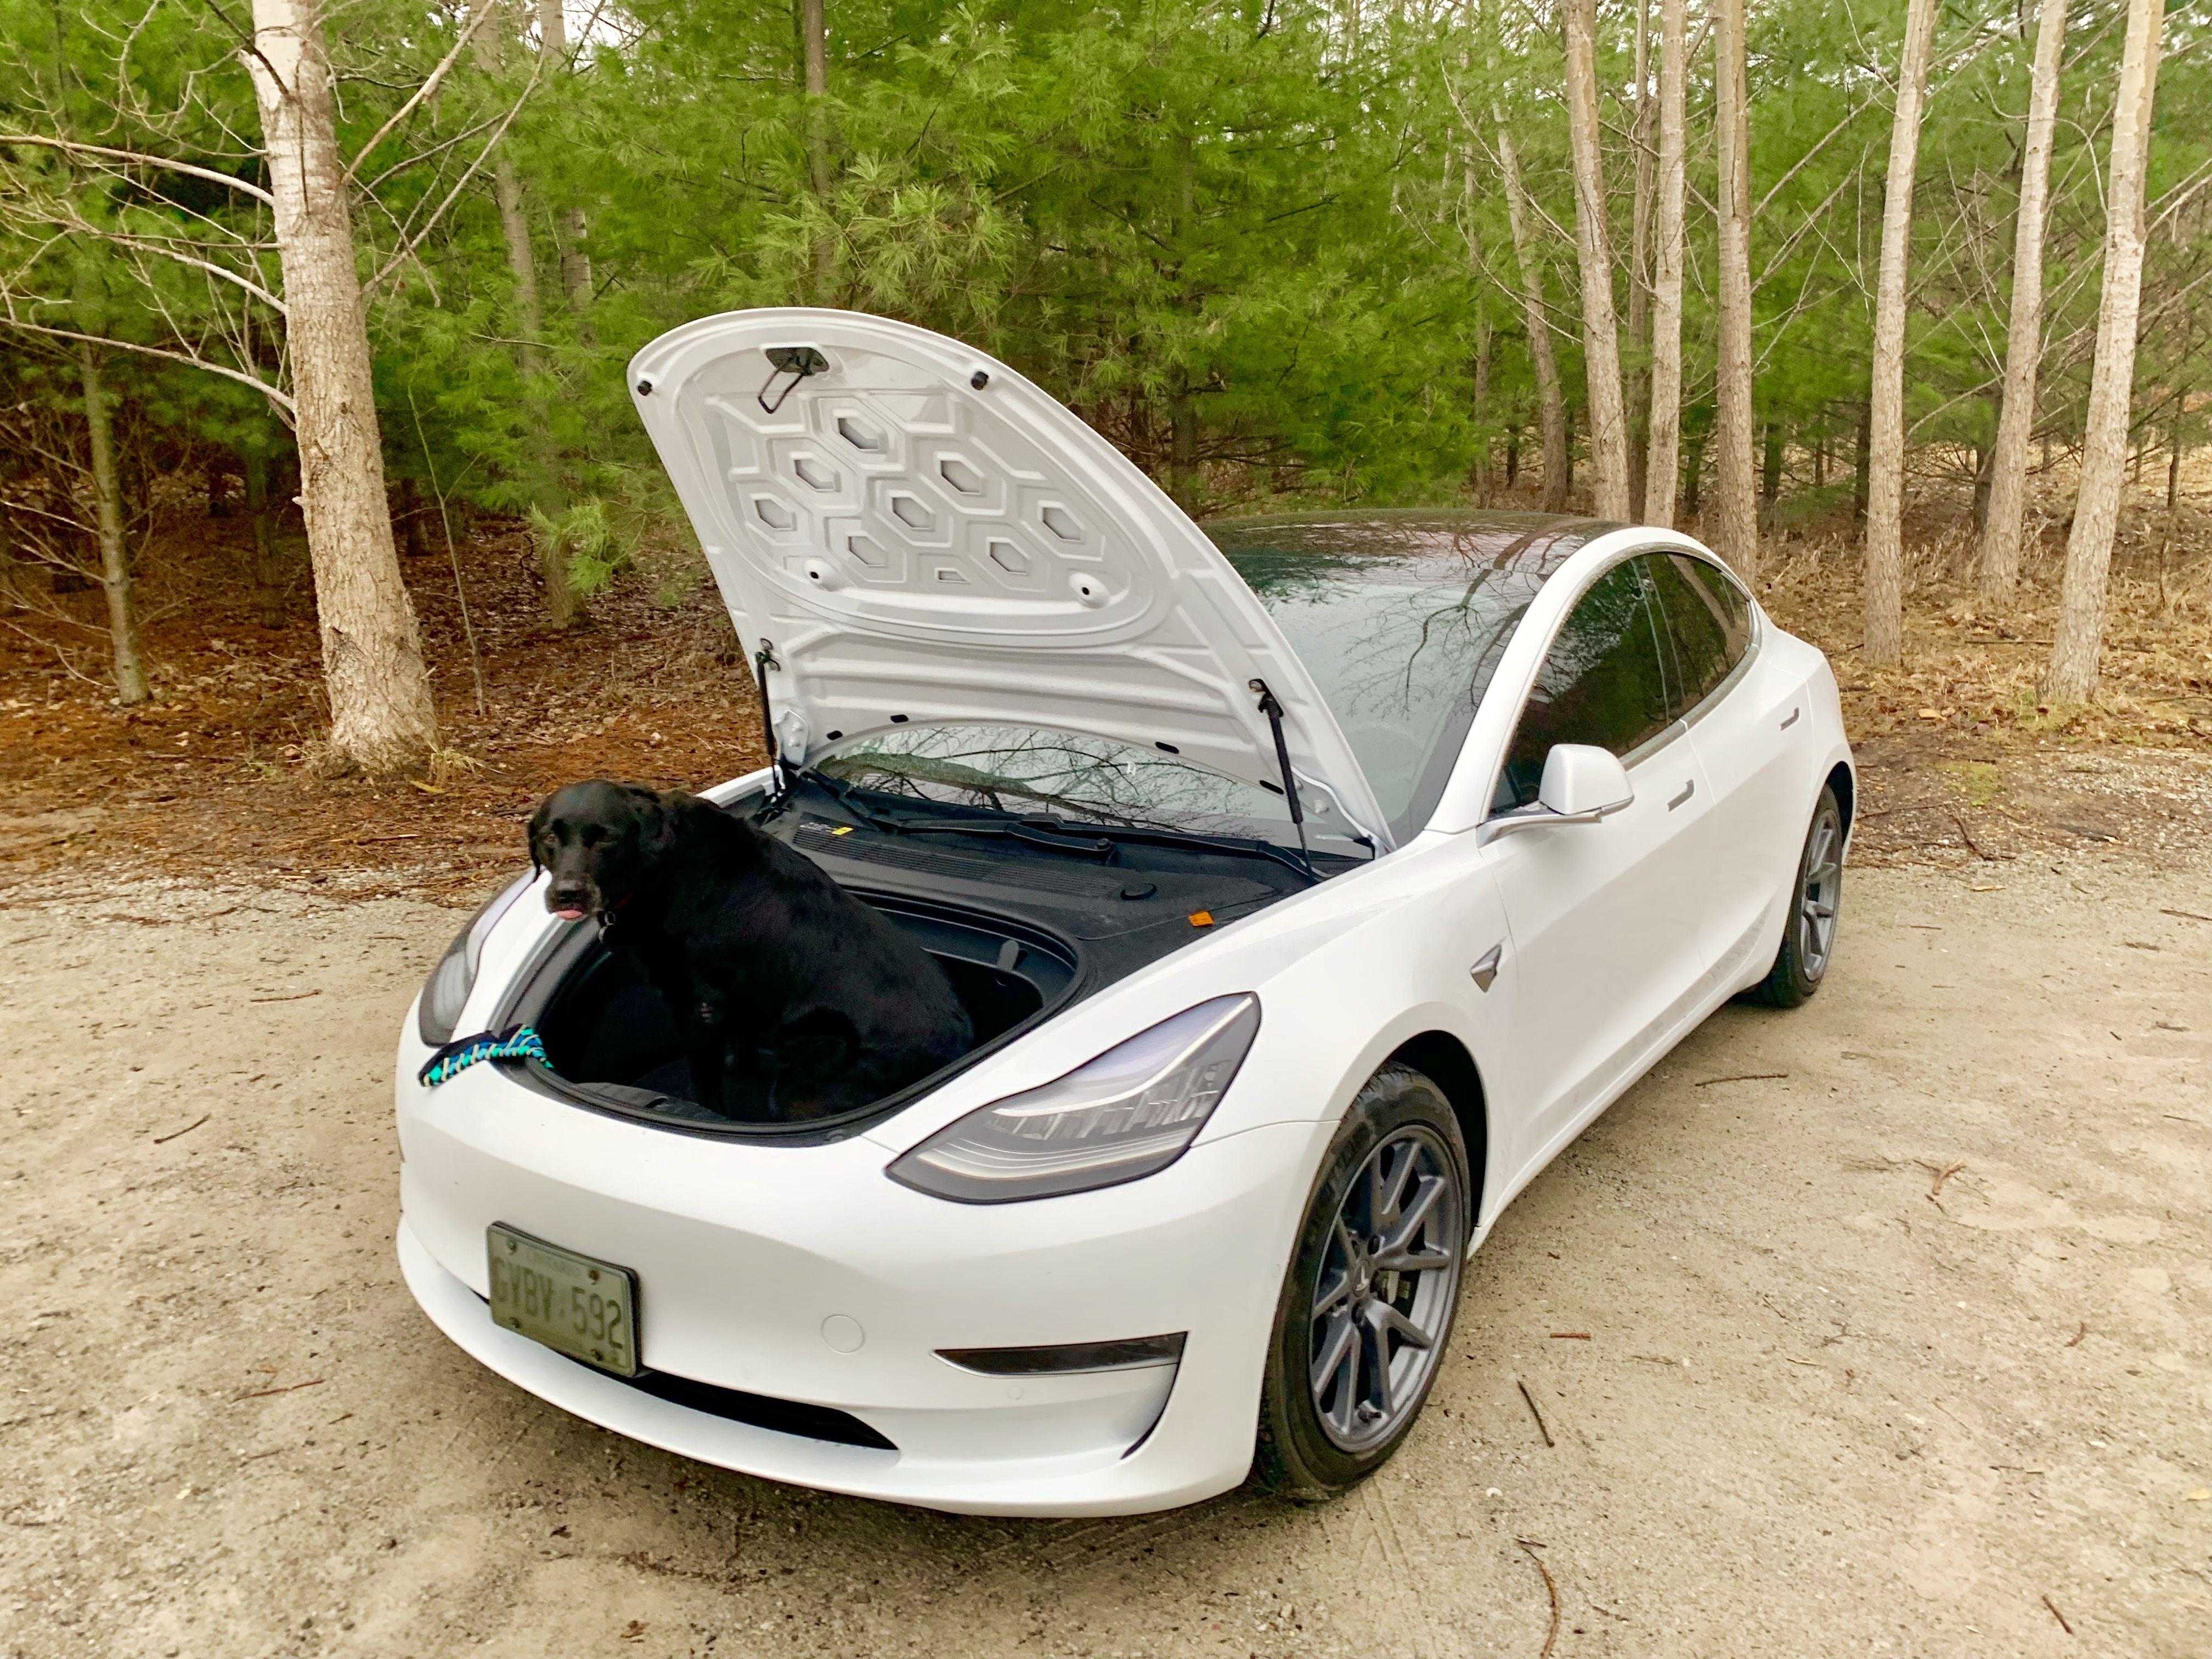 Tesla Model 3 frunk puppy 🐶 | My Tesla Model 3 AWD white Pearl